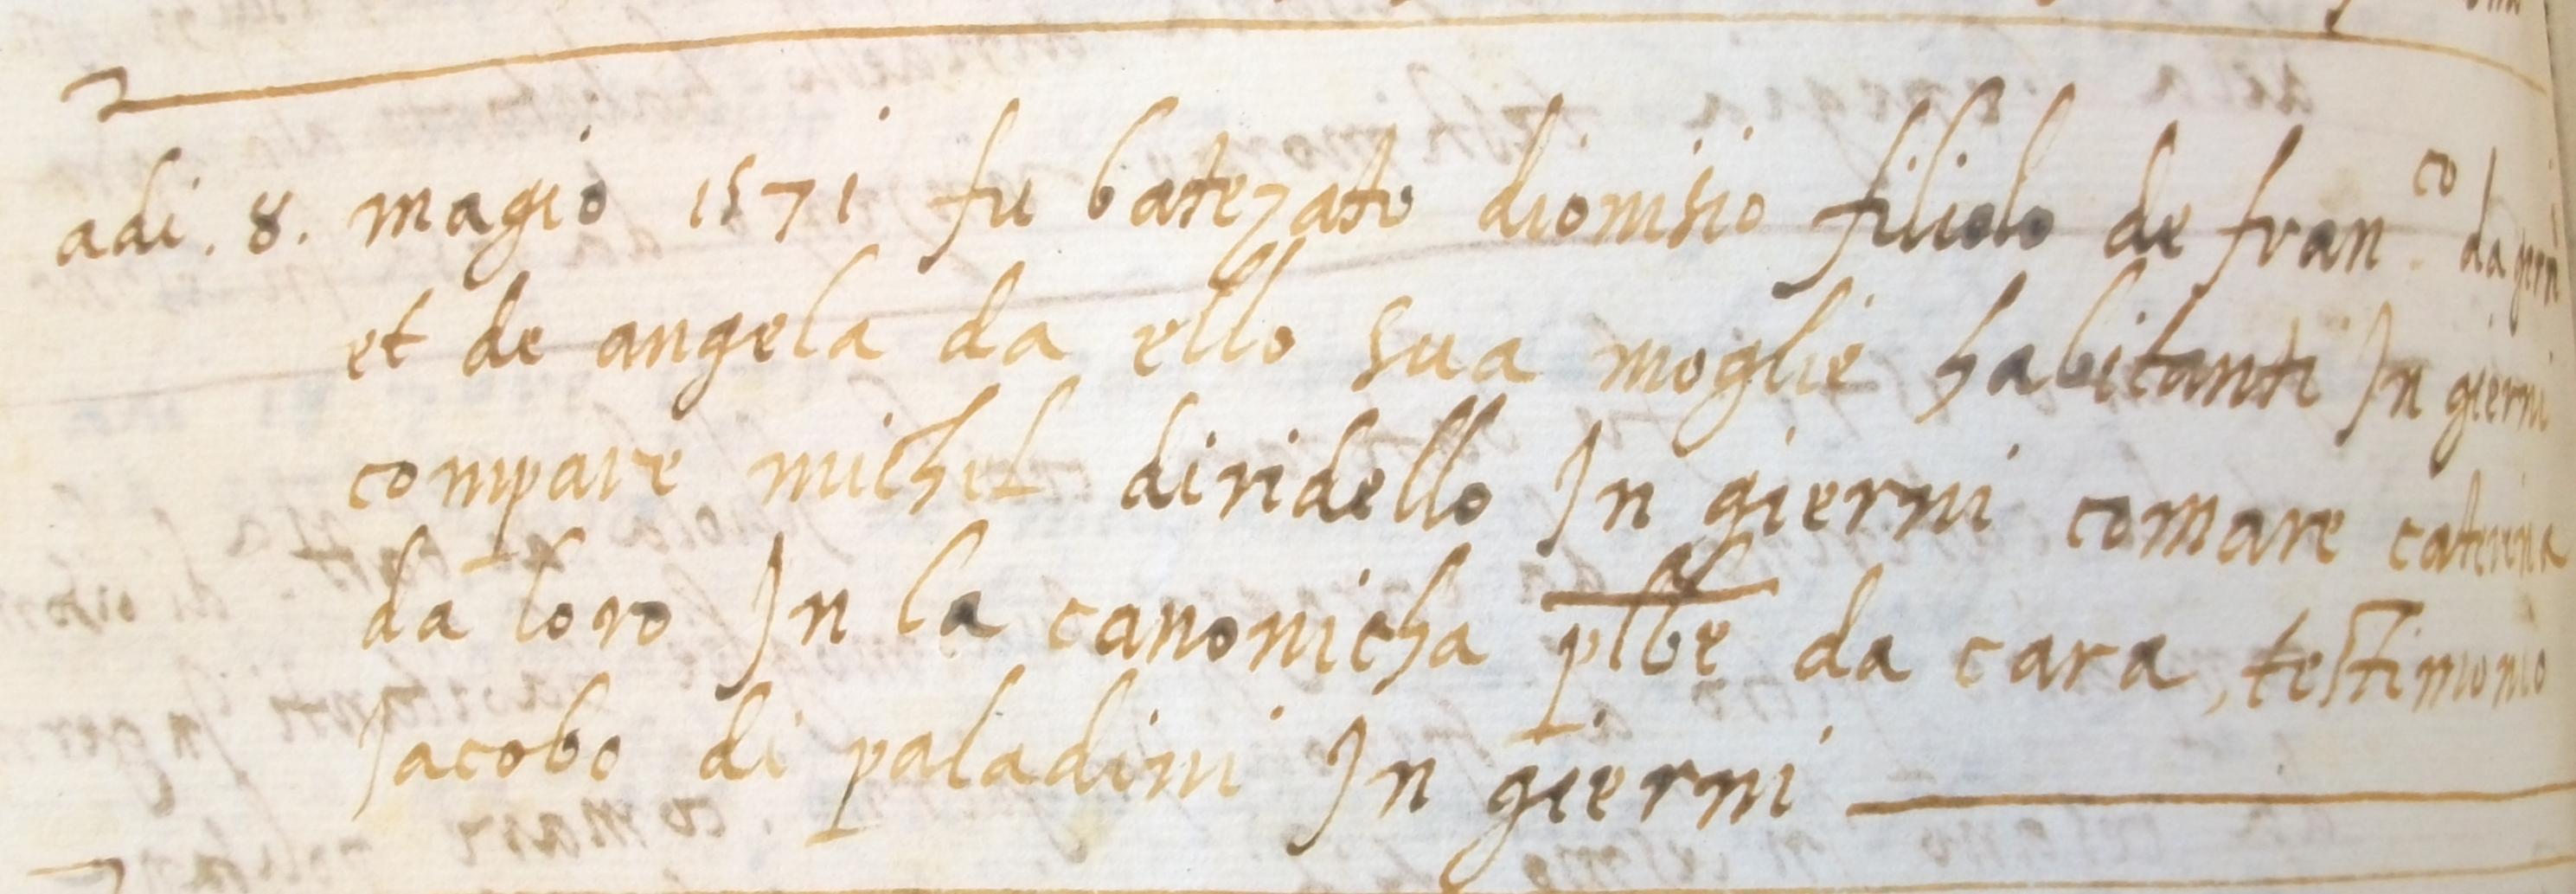 Genealogia Redaelli: i Re da Ello?